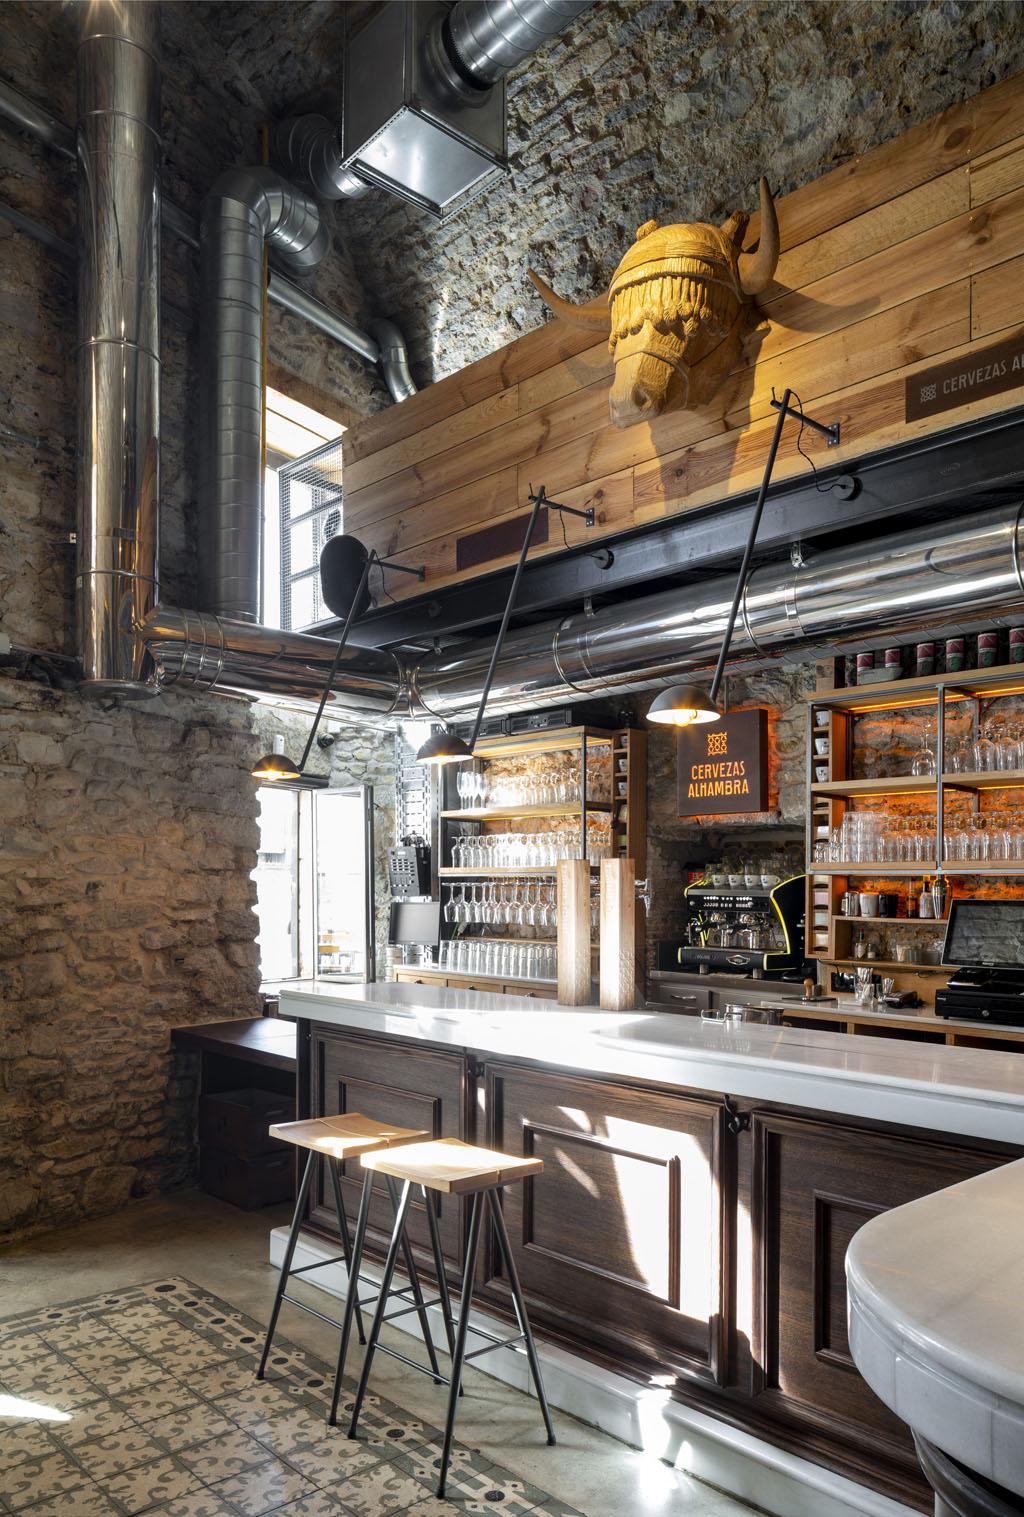 LE.BASQUE_web_006-Erlantz Biderbost fotografo de arquitectura e interiores